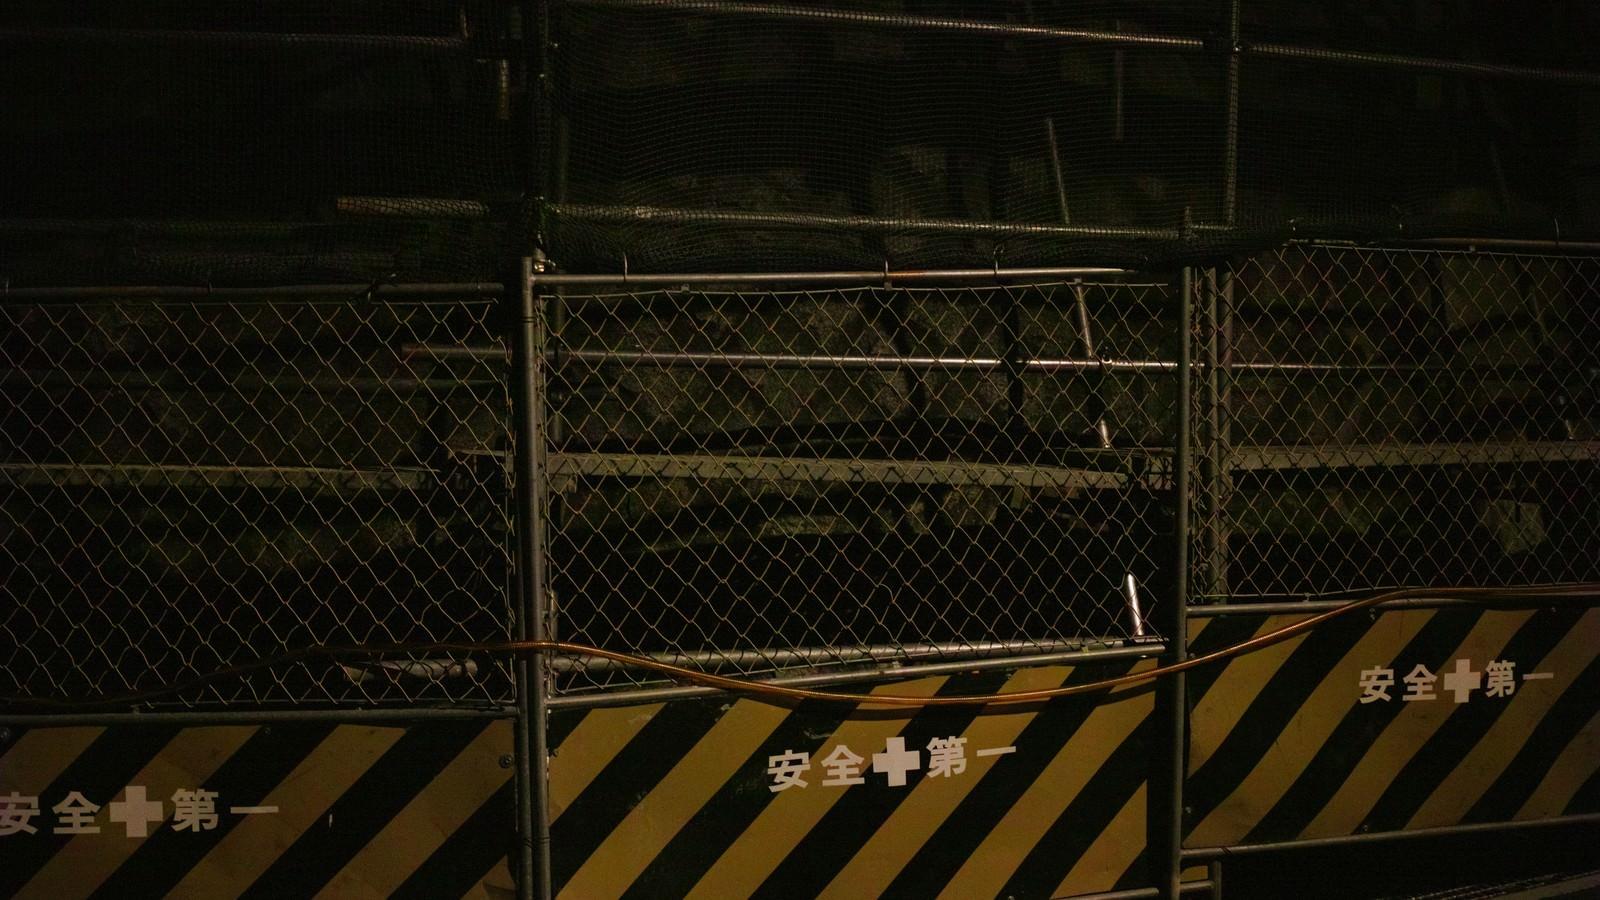 「夜間の工事現場(安全第一)」の写真